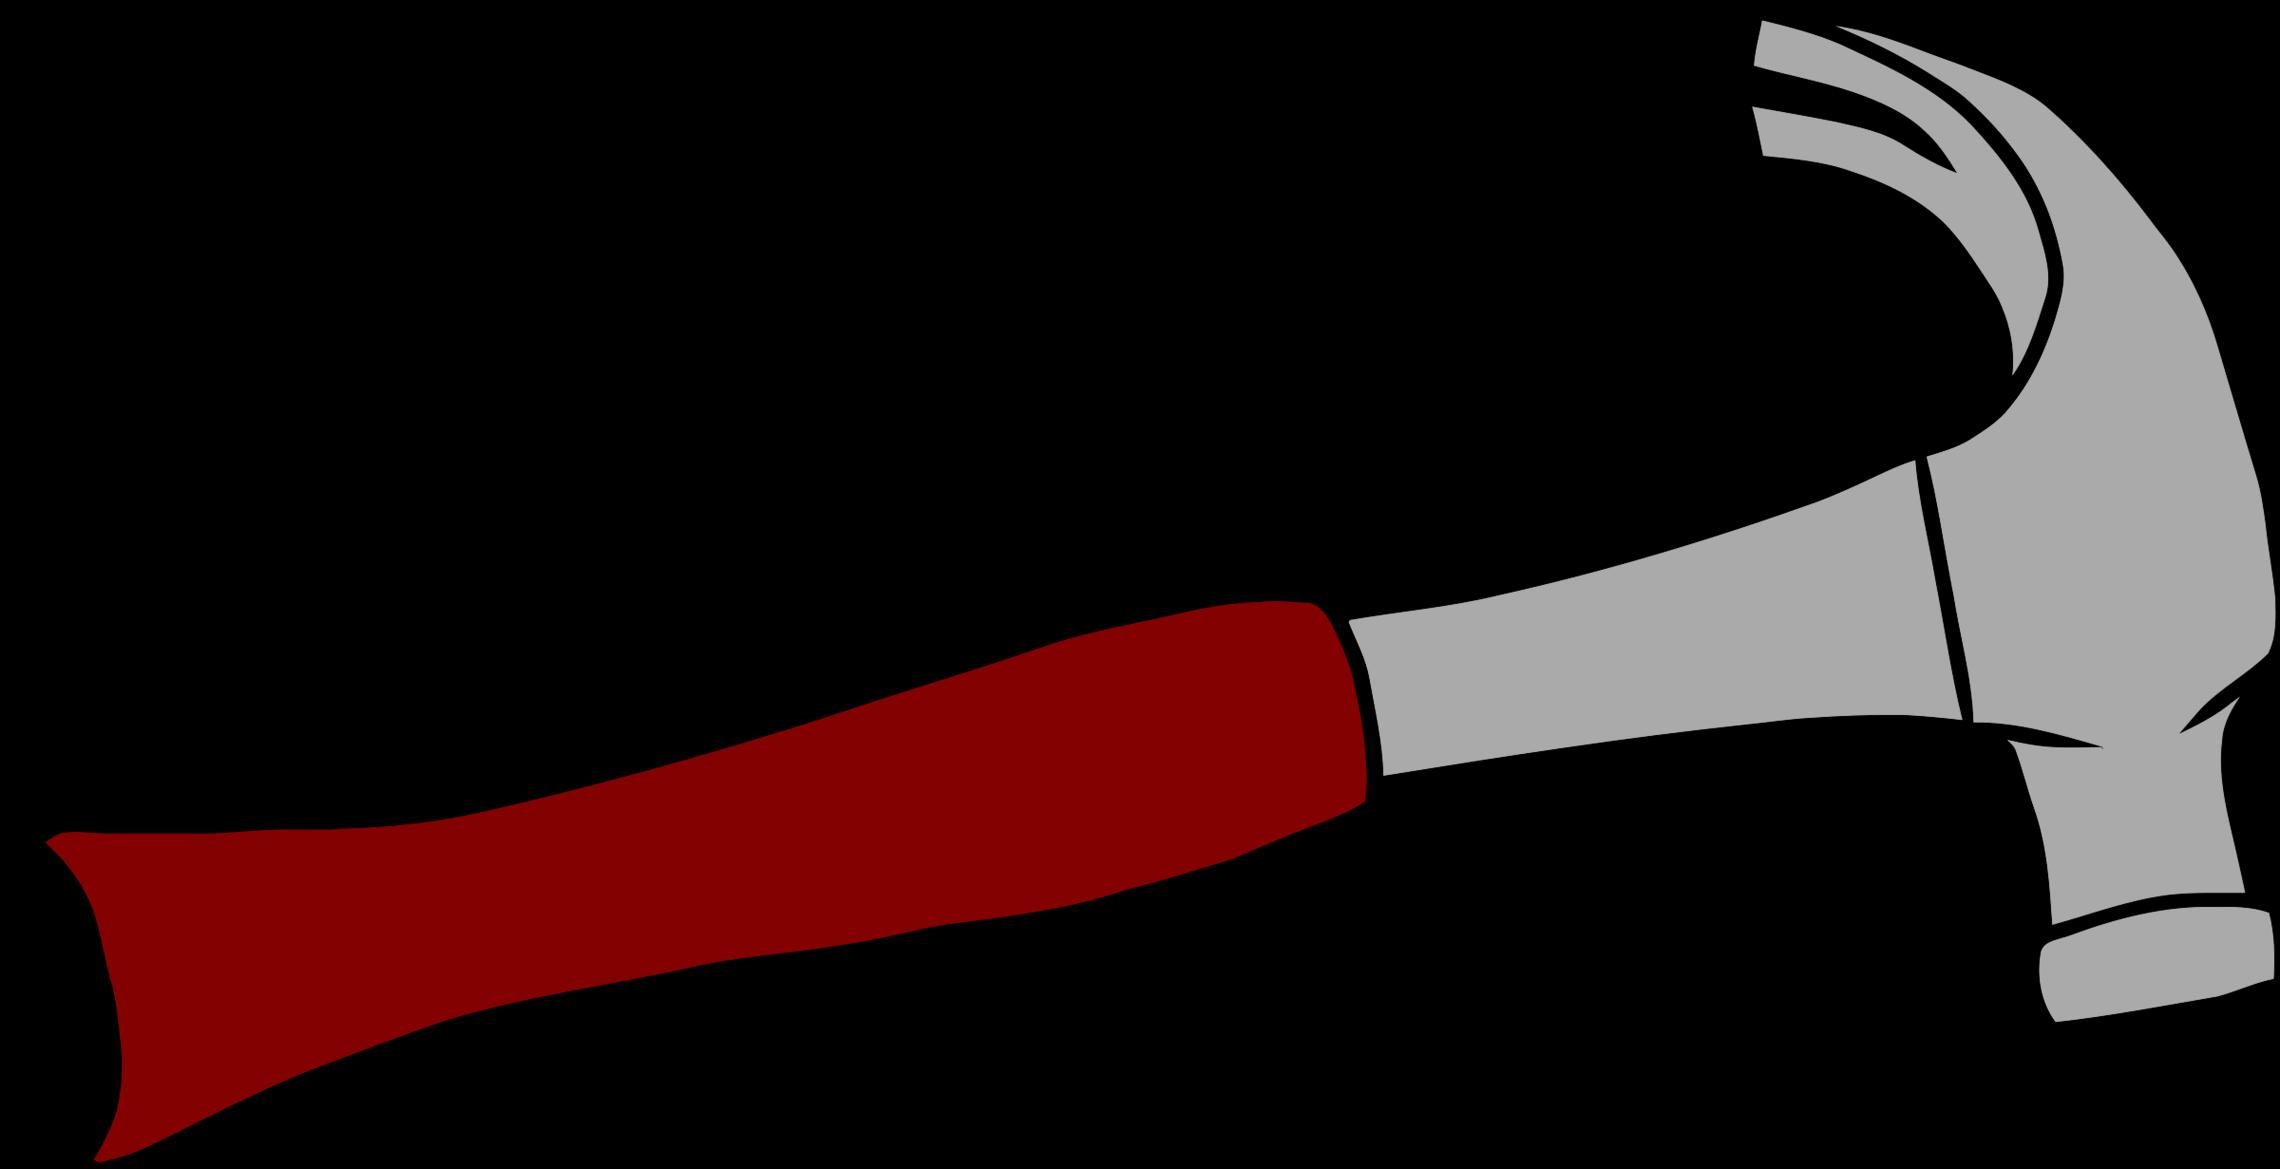 Clipart Hammer — (3494) Clipart